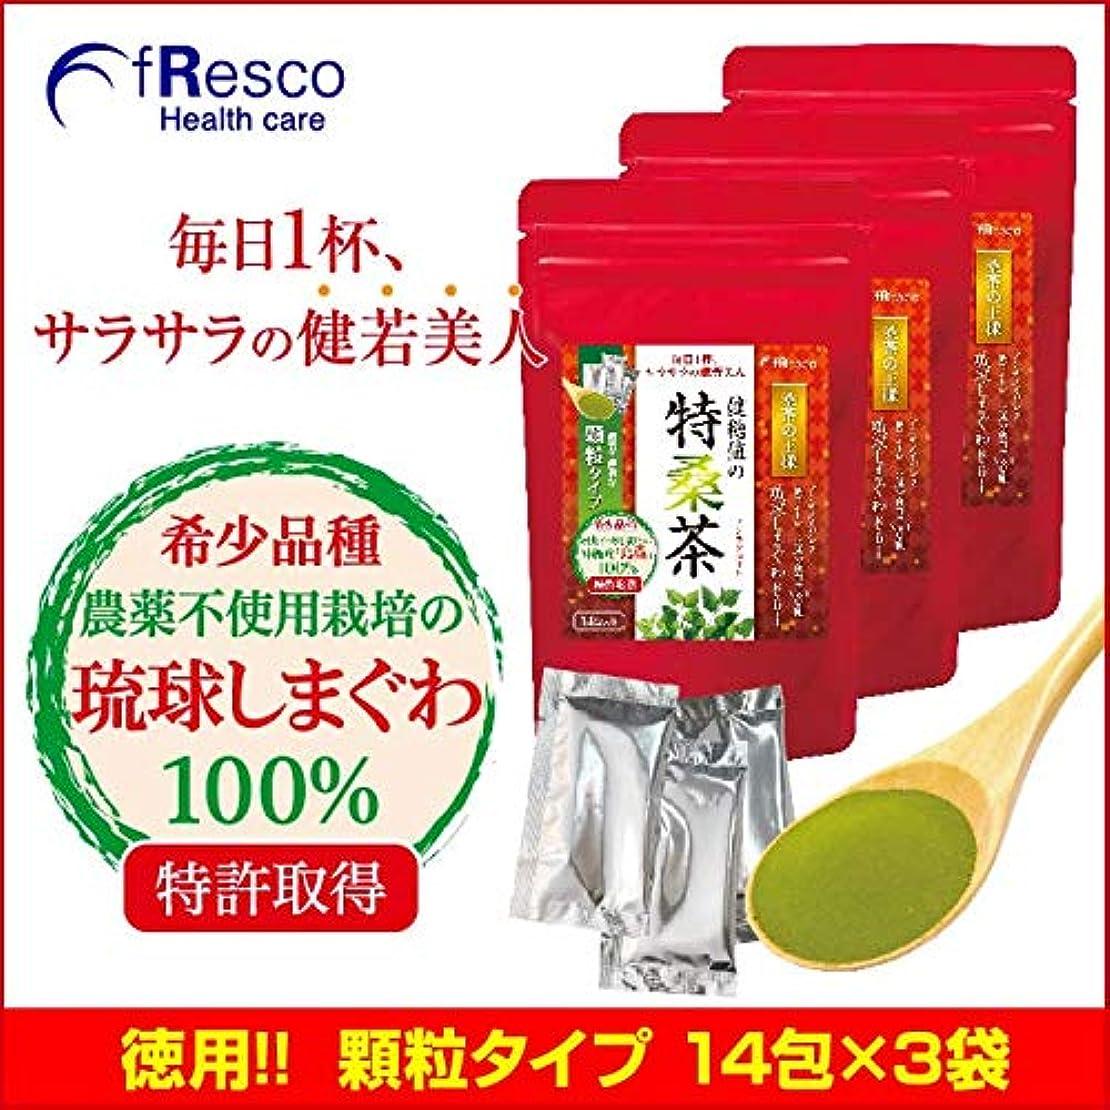 ホイットニー承知しましたホームレス琉球しまぐわ 健糖値の特桑茶 顆粒タイプ14包 90日分(3個セット)